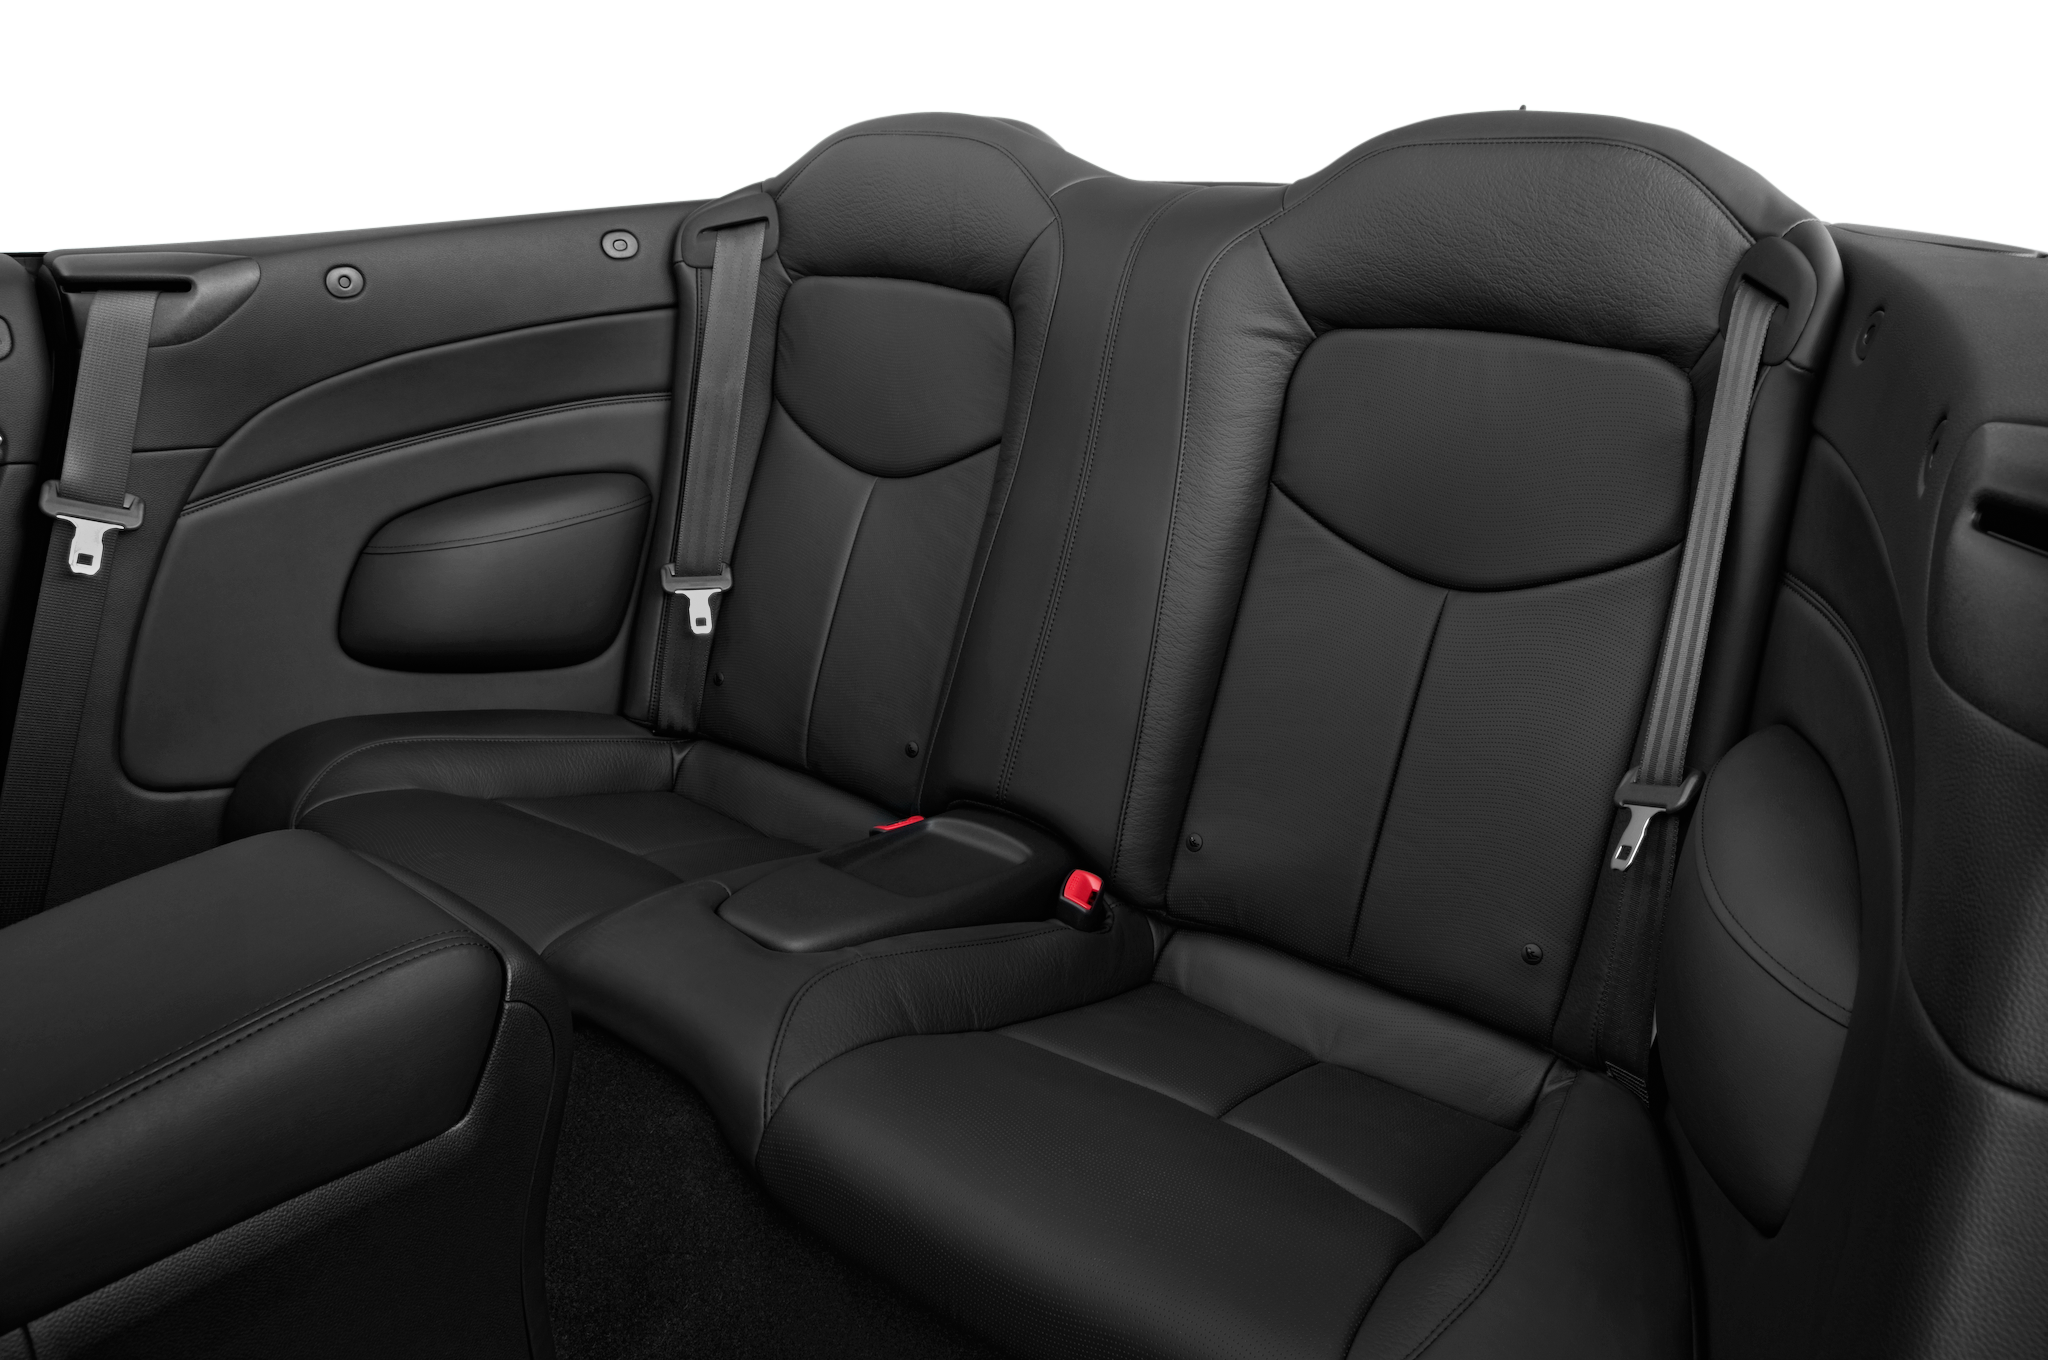 2010 Infiniti G37 Convertible - Infiniti Luxury Convertible